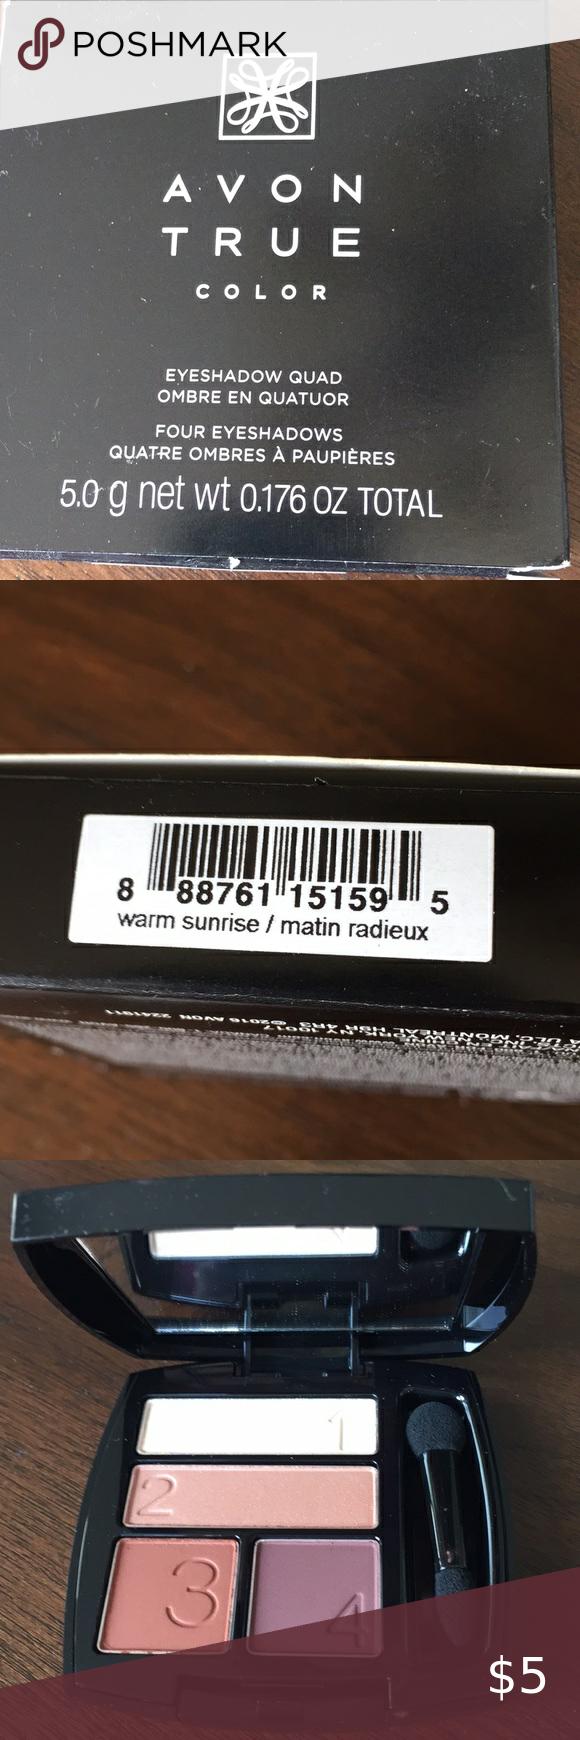 Avon True Perfect Wear Eyeshadow Quad In Barely Blush   eBay